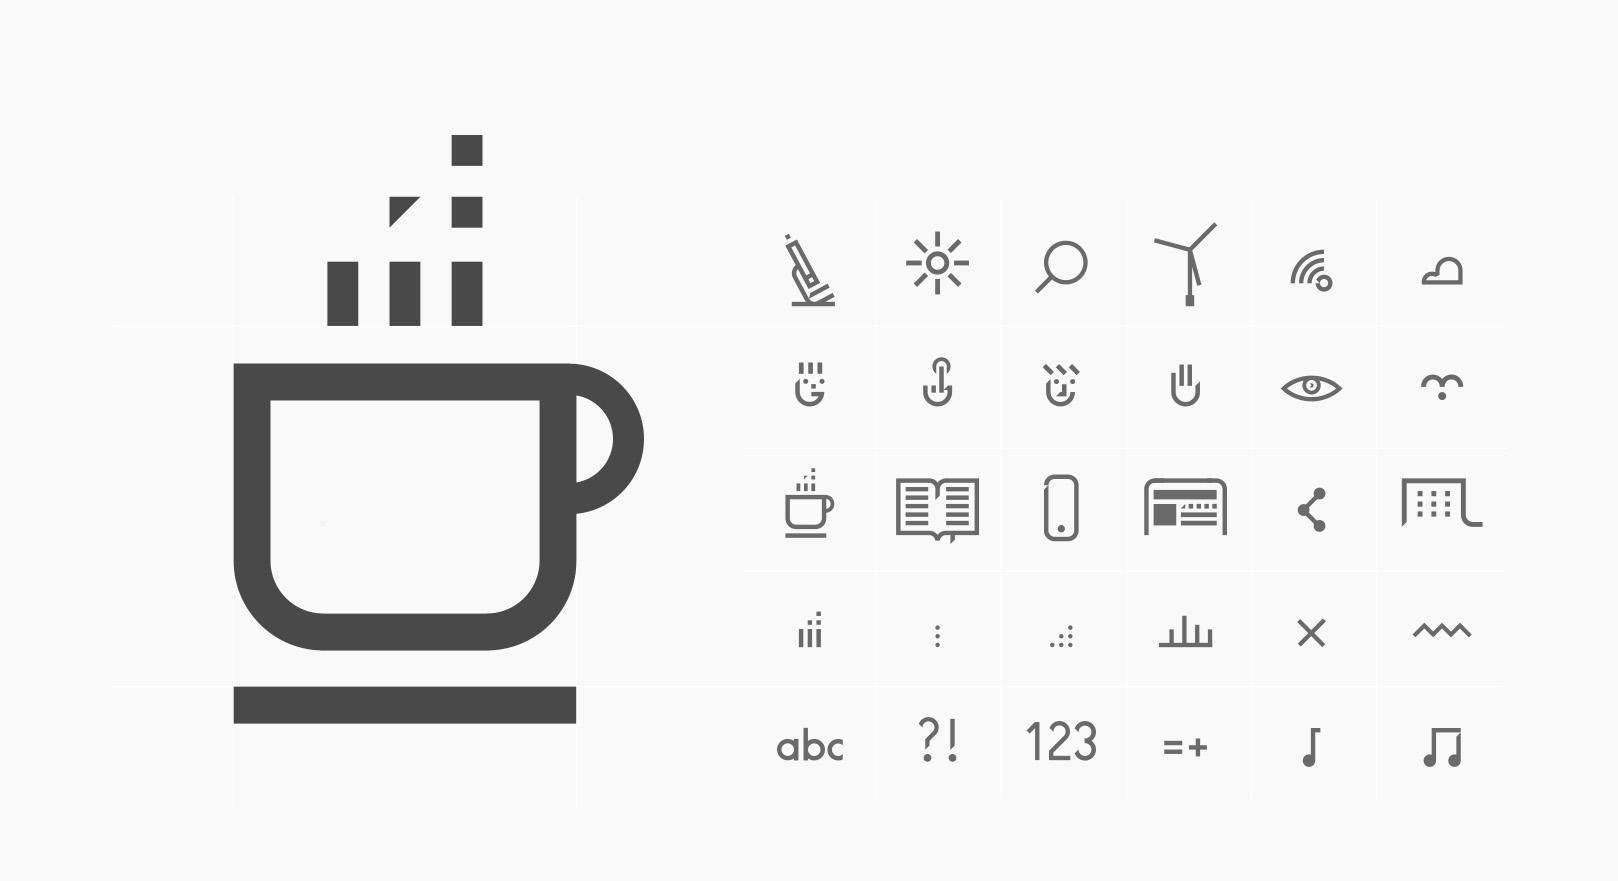 ikony, piktogramy - Dariah.lab - Identyfikacja wizualna